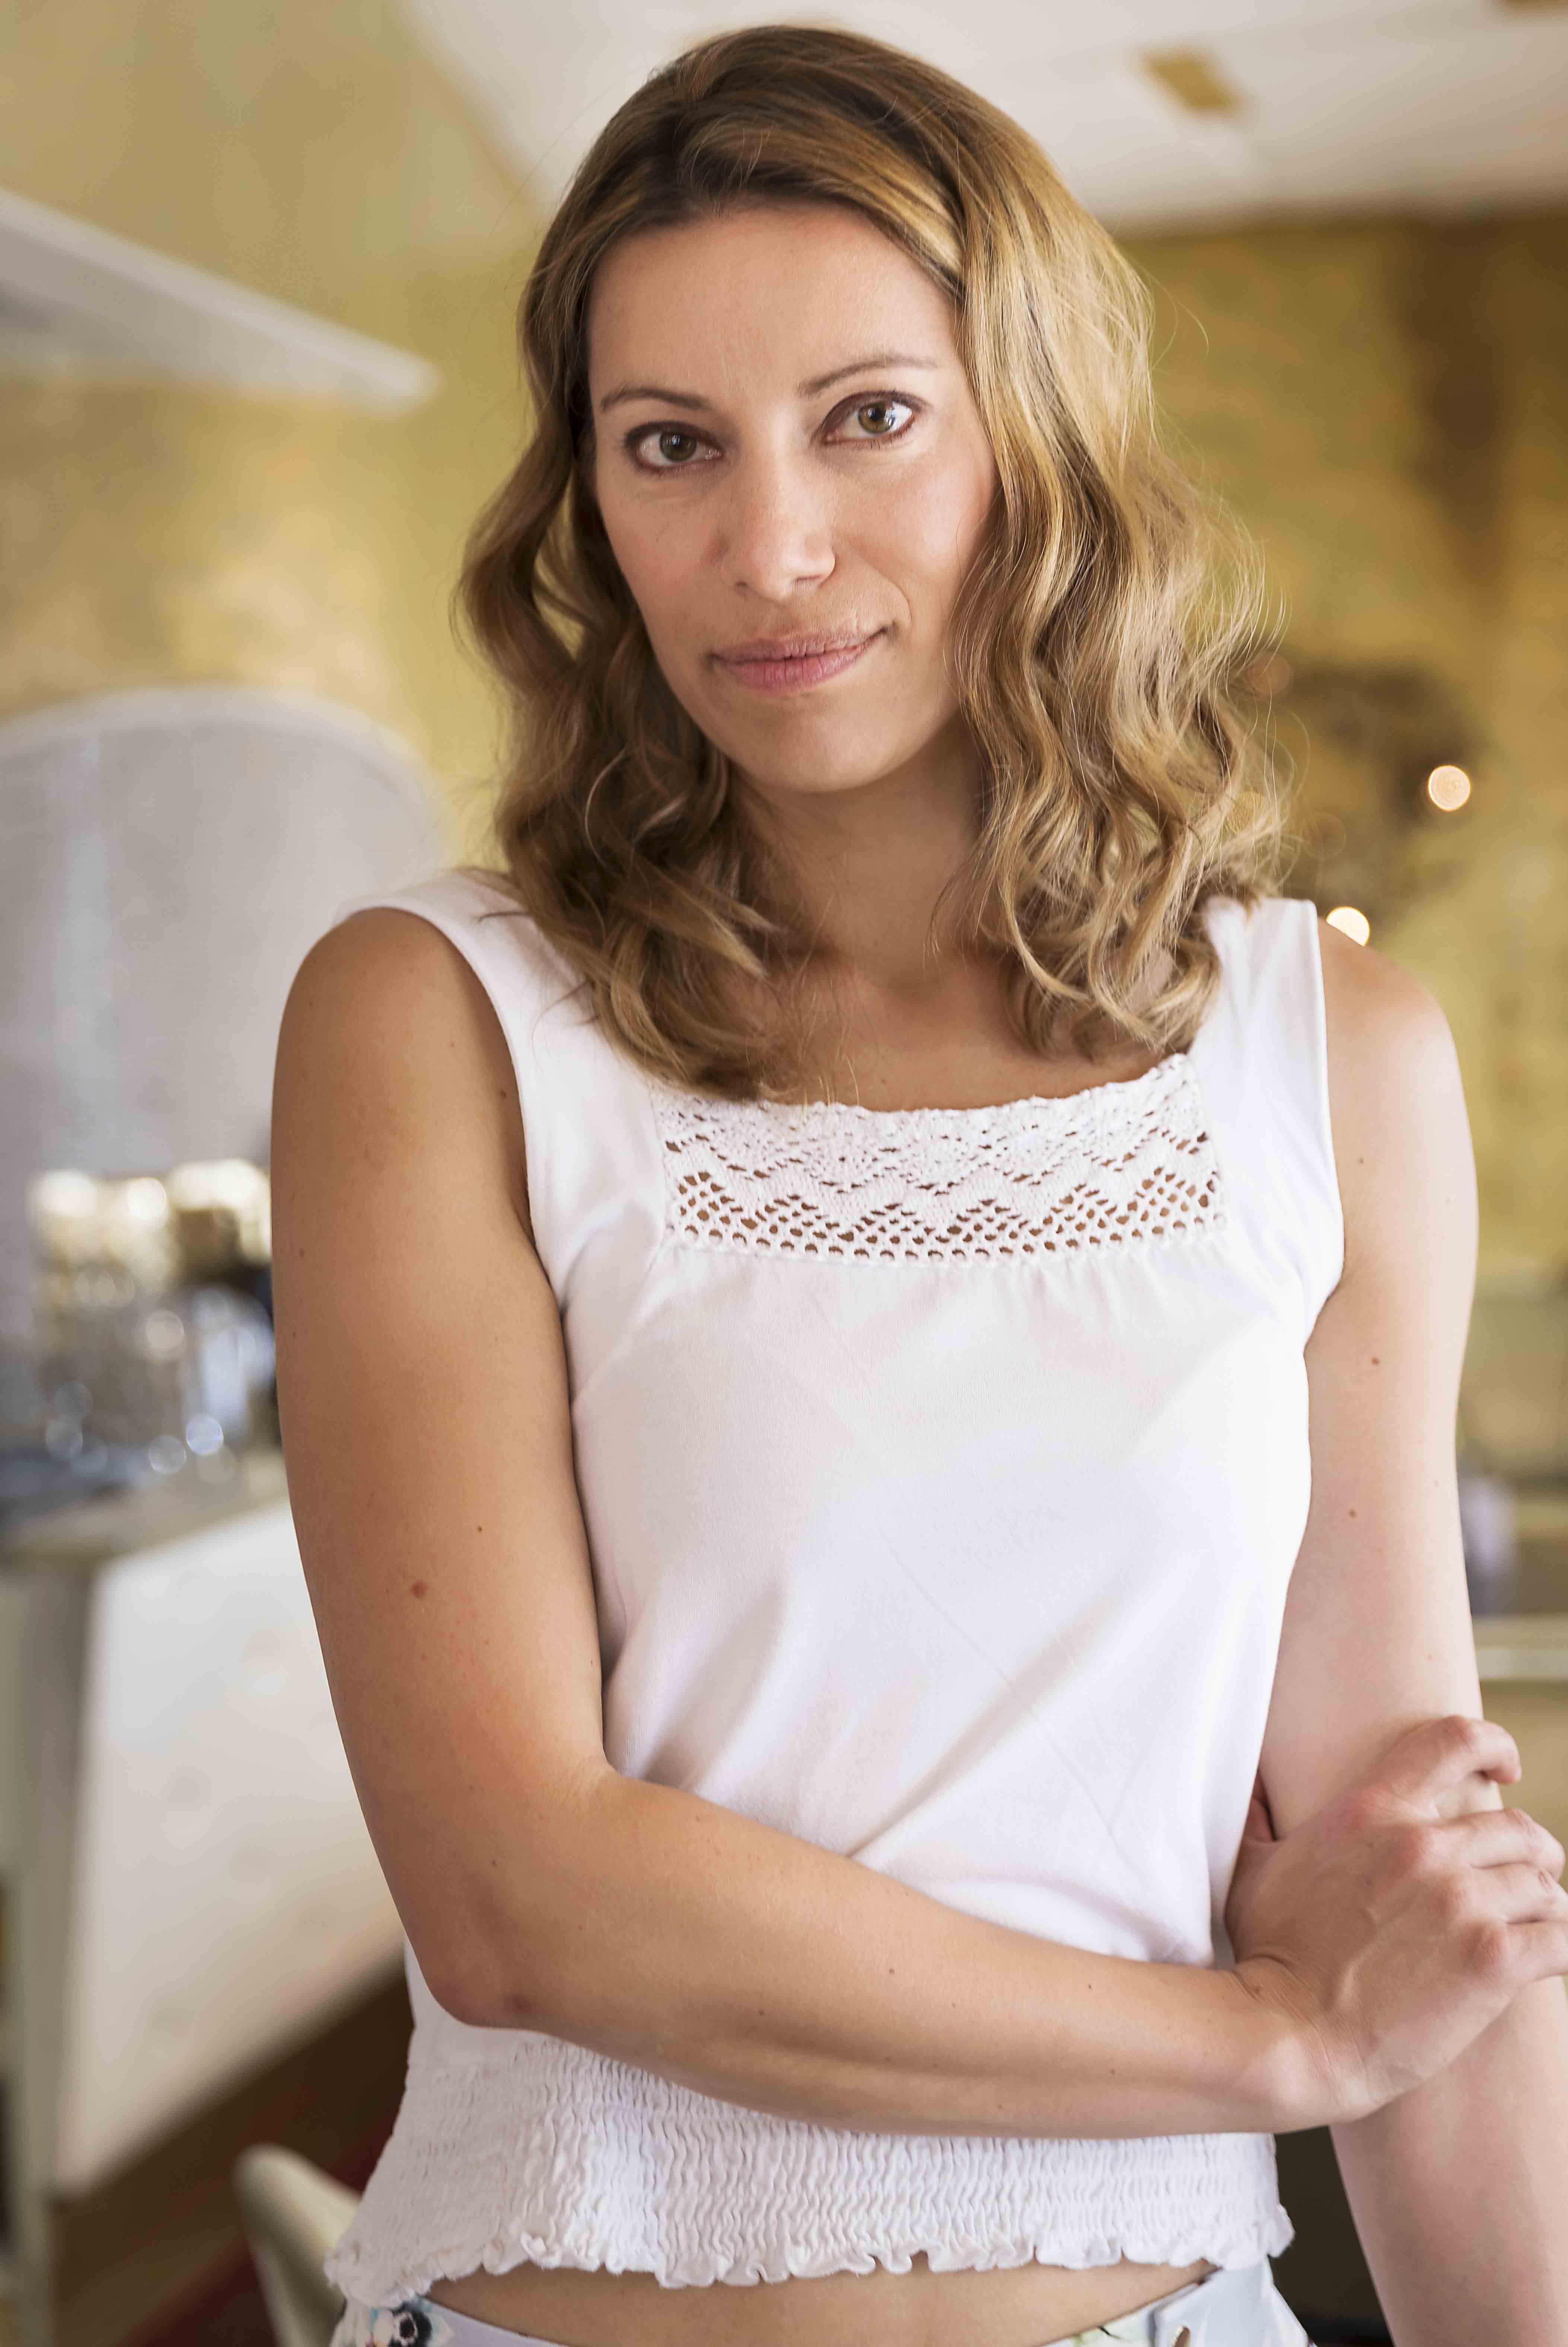 Barbara Lehner (c) kiblerdesign